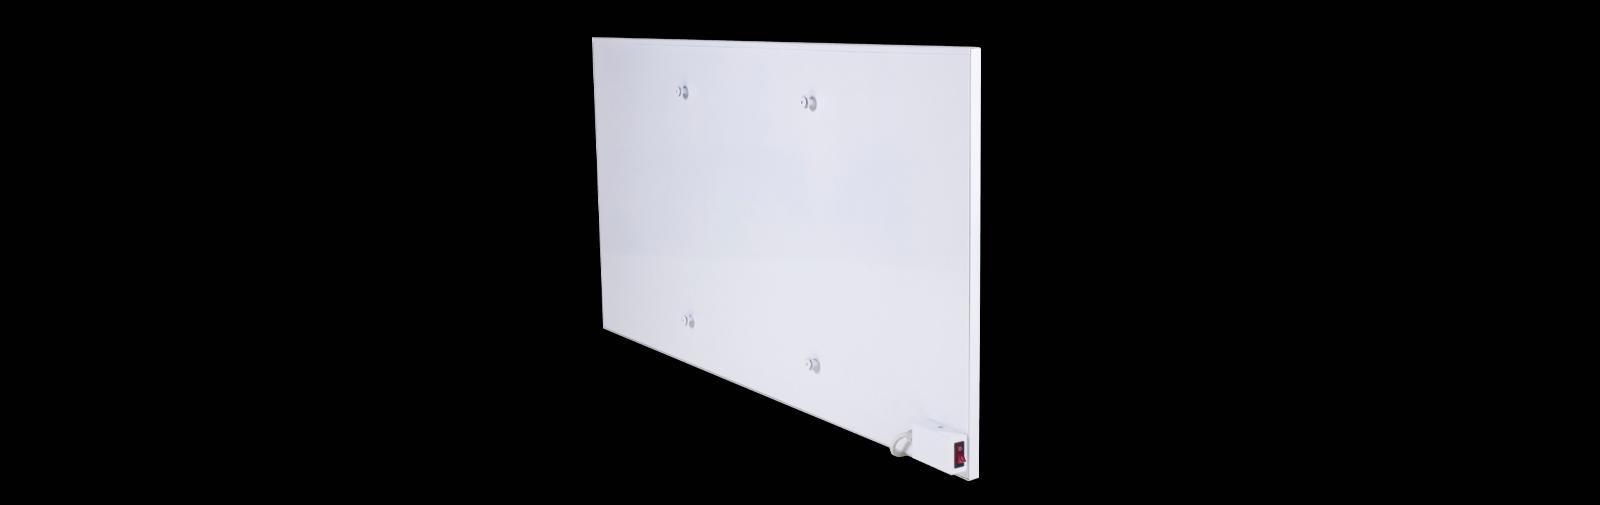 heating panel basic heat backwards